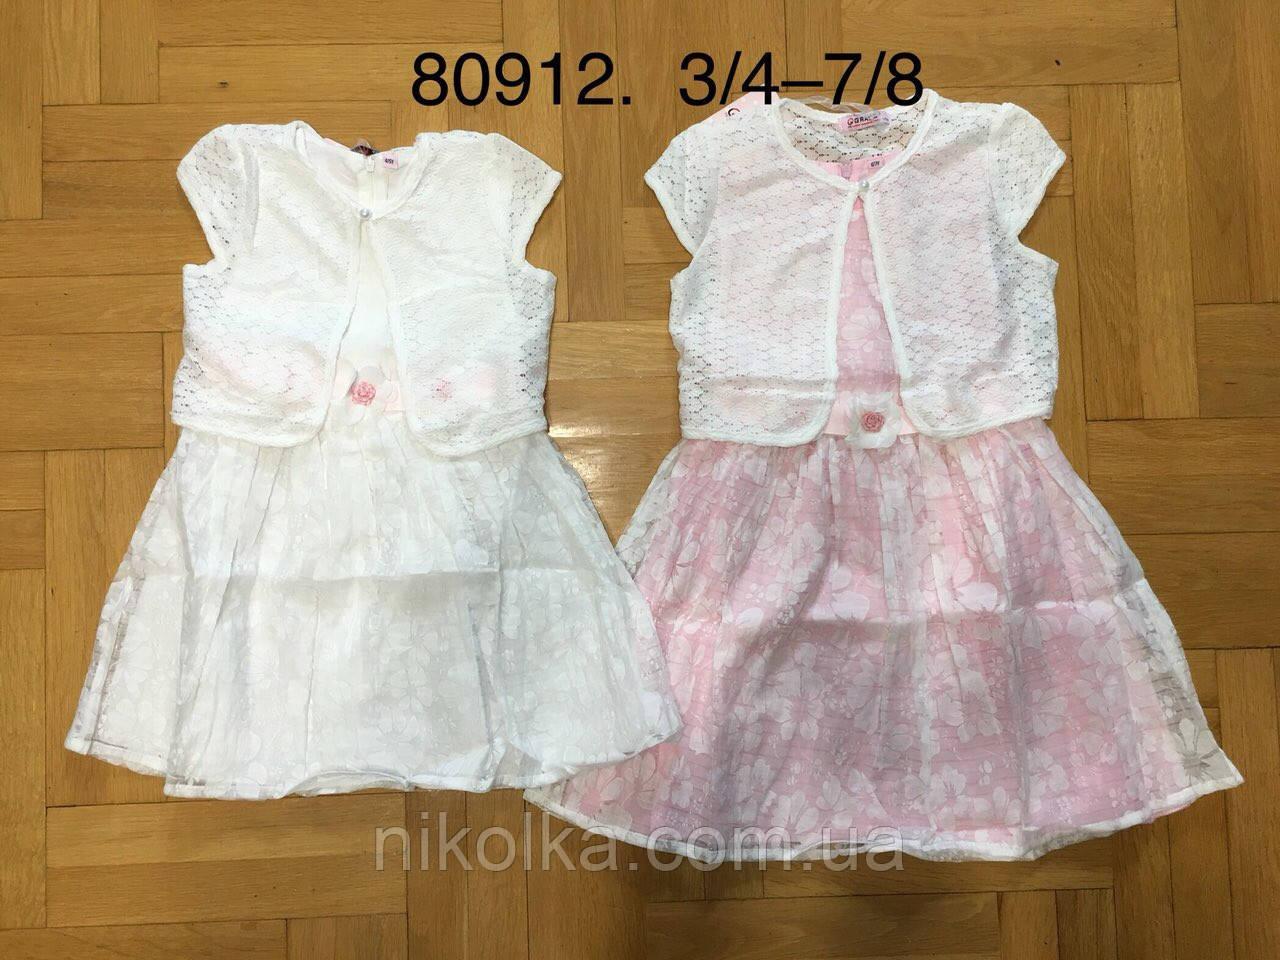 4ffa79c7ddf1 Платье для девочек оптом, Grace, 3/4-7/8 лет., арт. G80912: продажа ...